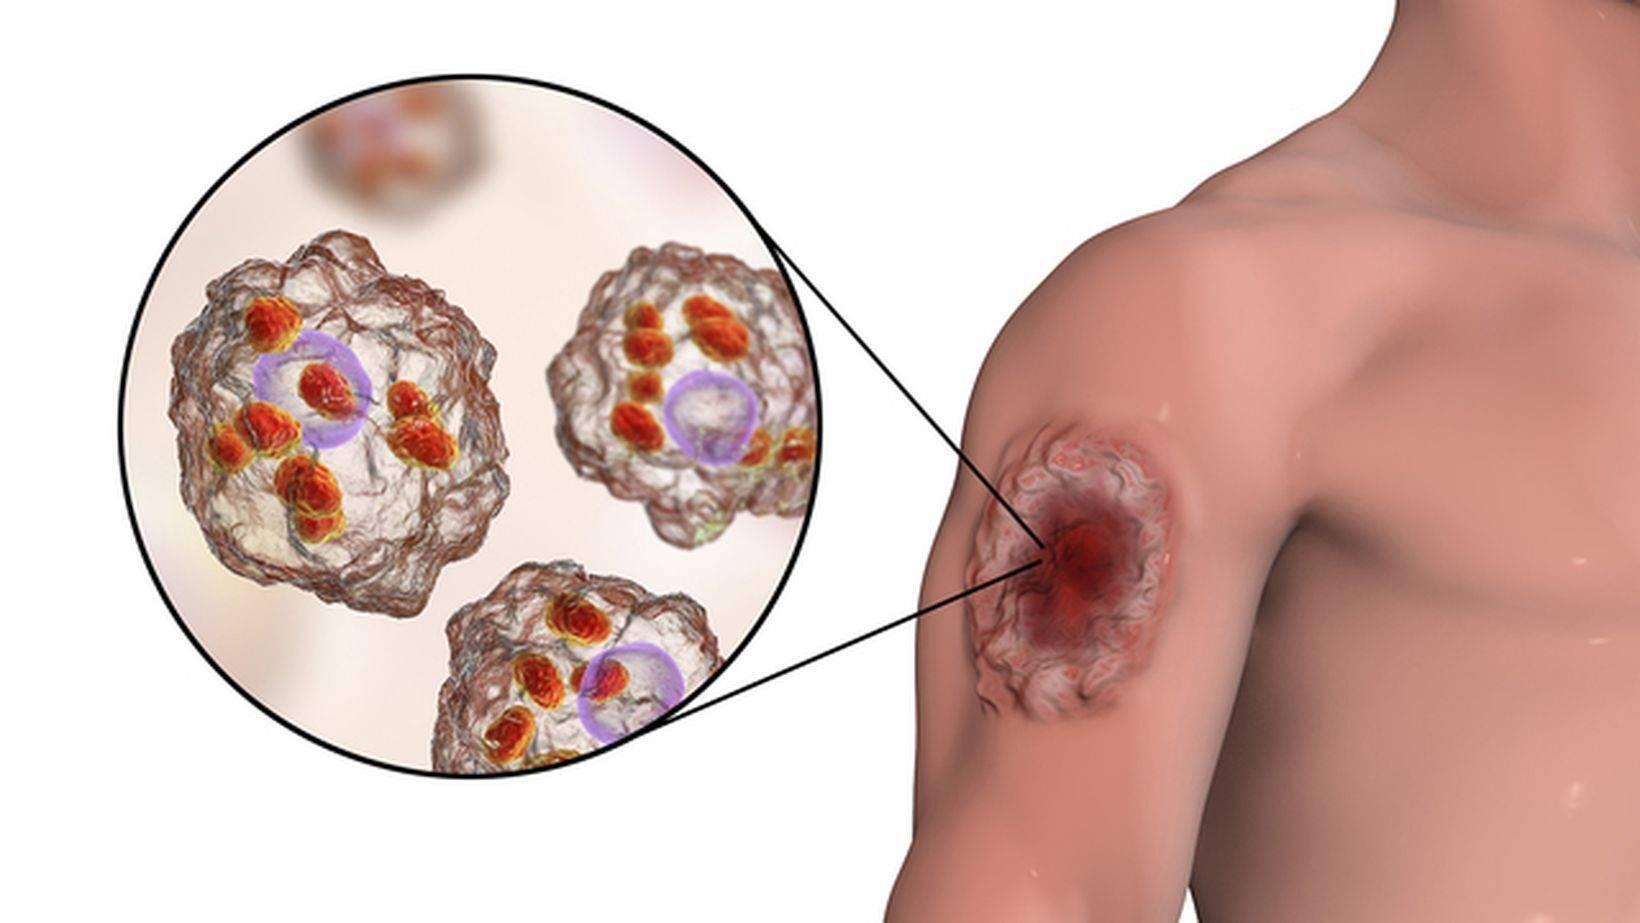 Кожный лейшманиоз у человека (пендинская язва) – симптомы, фото, лечение